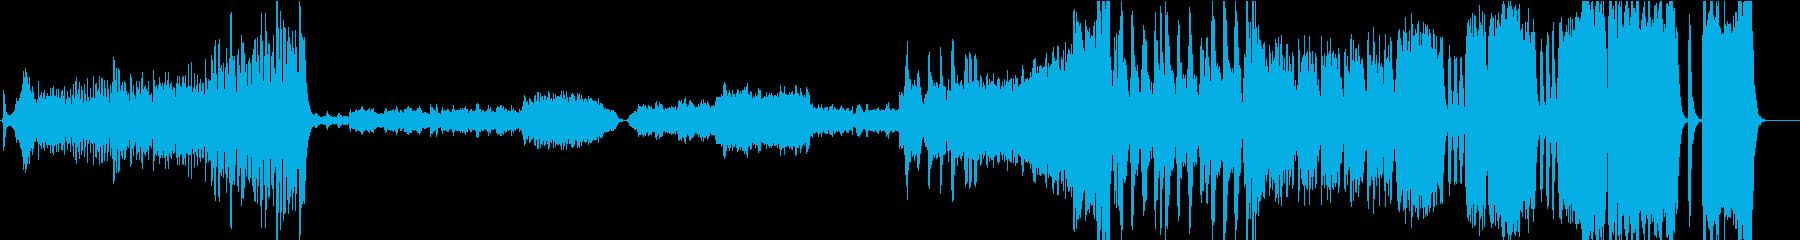 迫力のある荘厳なオーケストラ曲の再生済みの波形